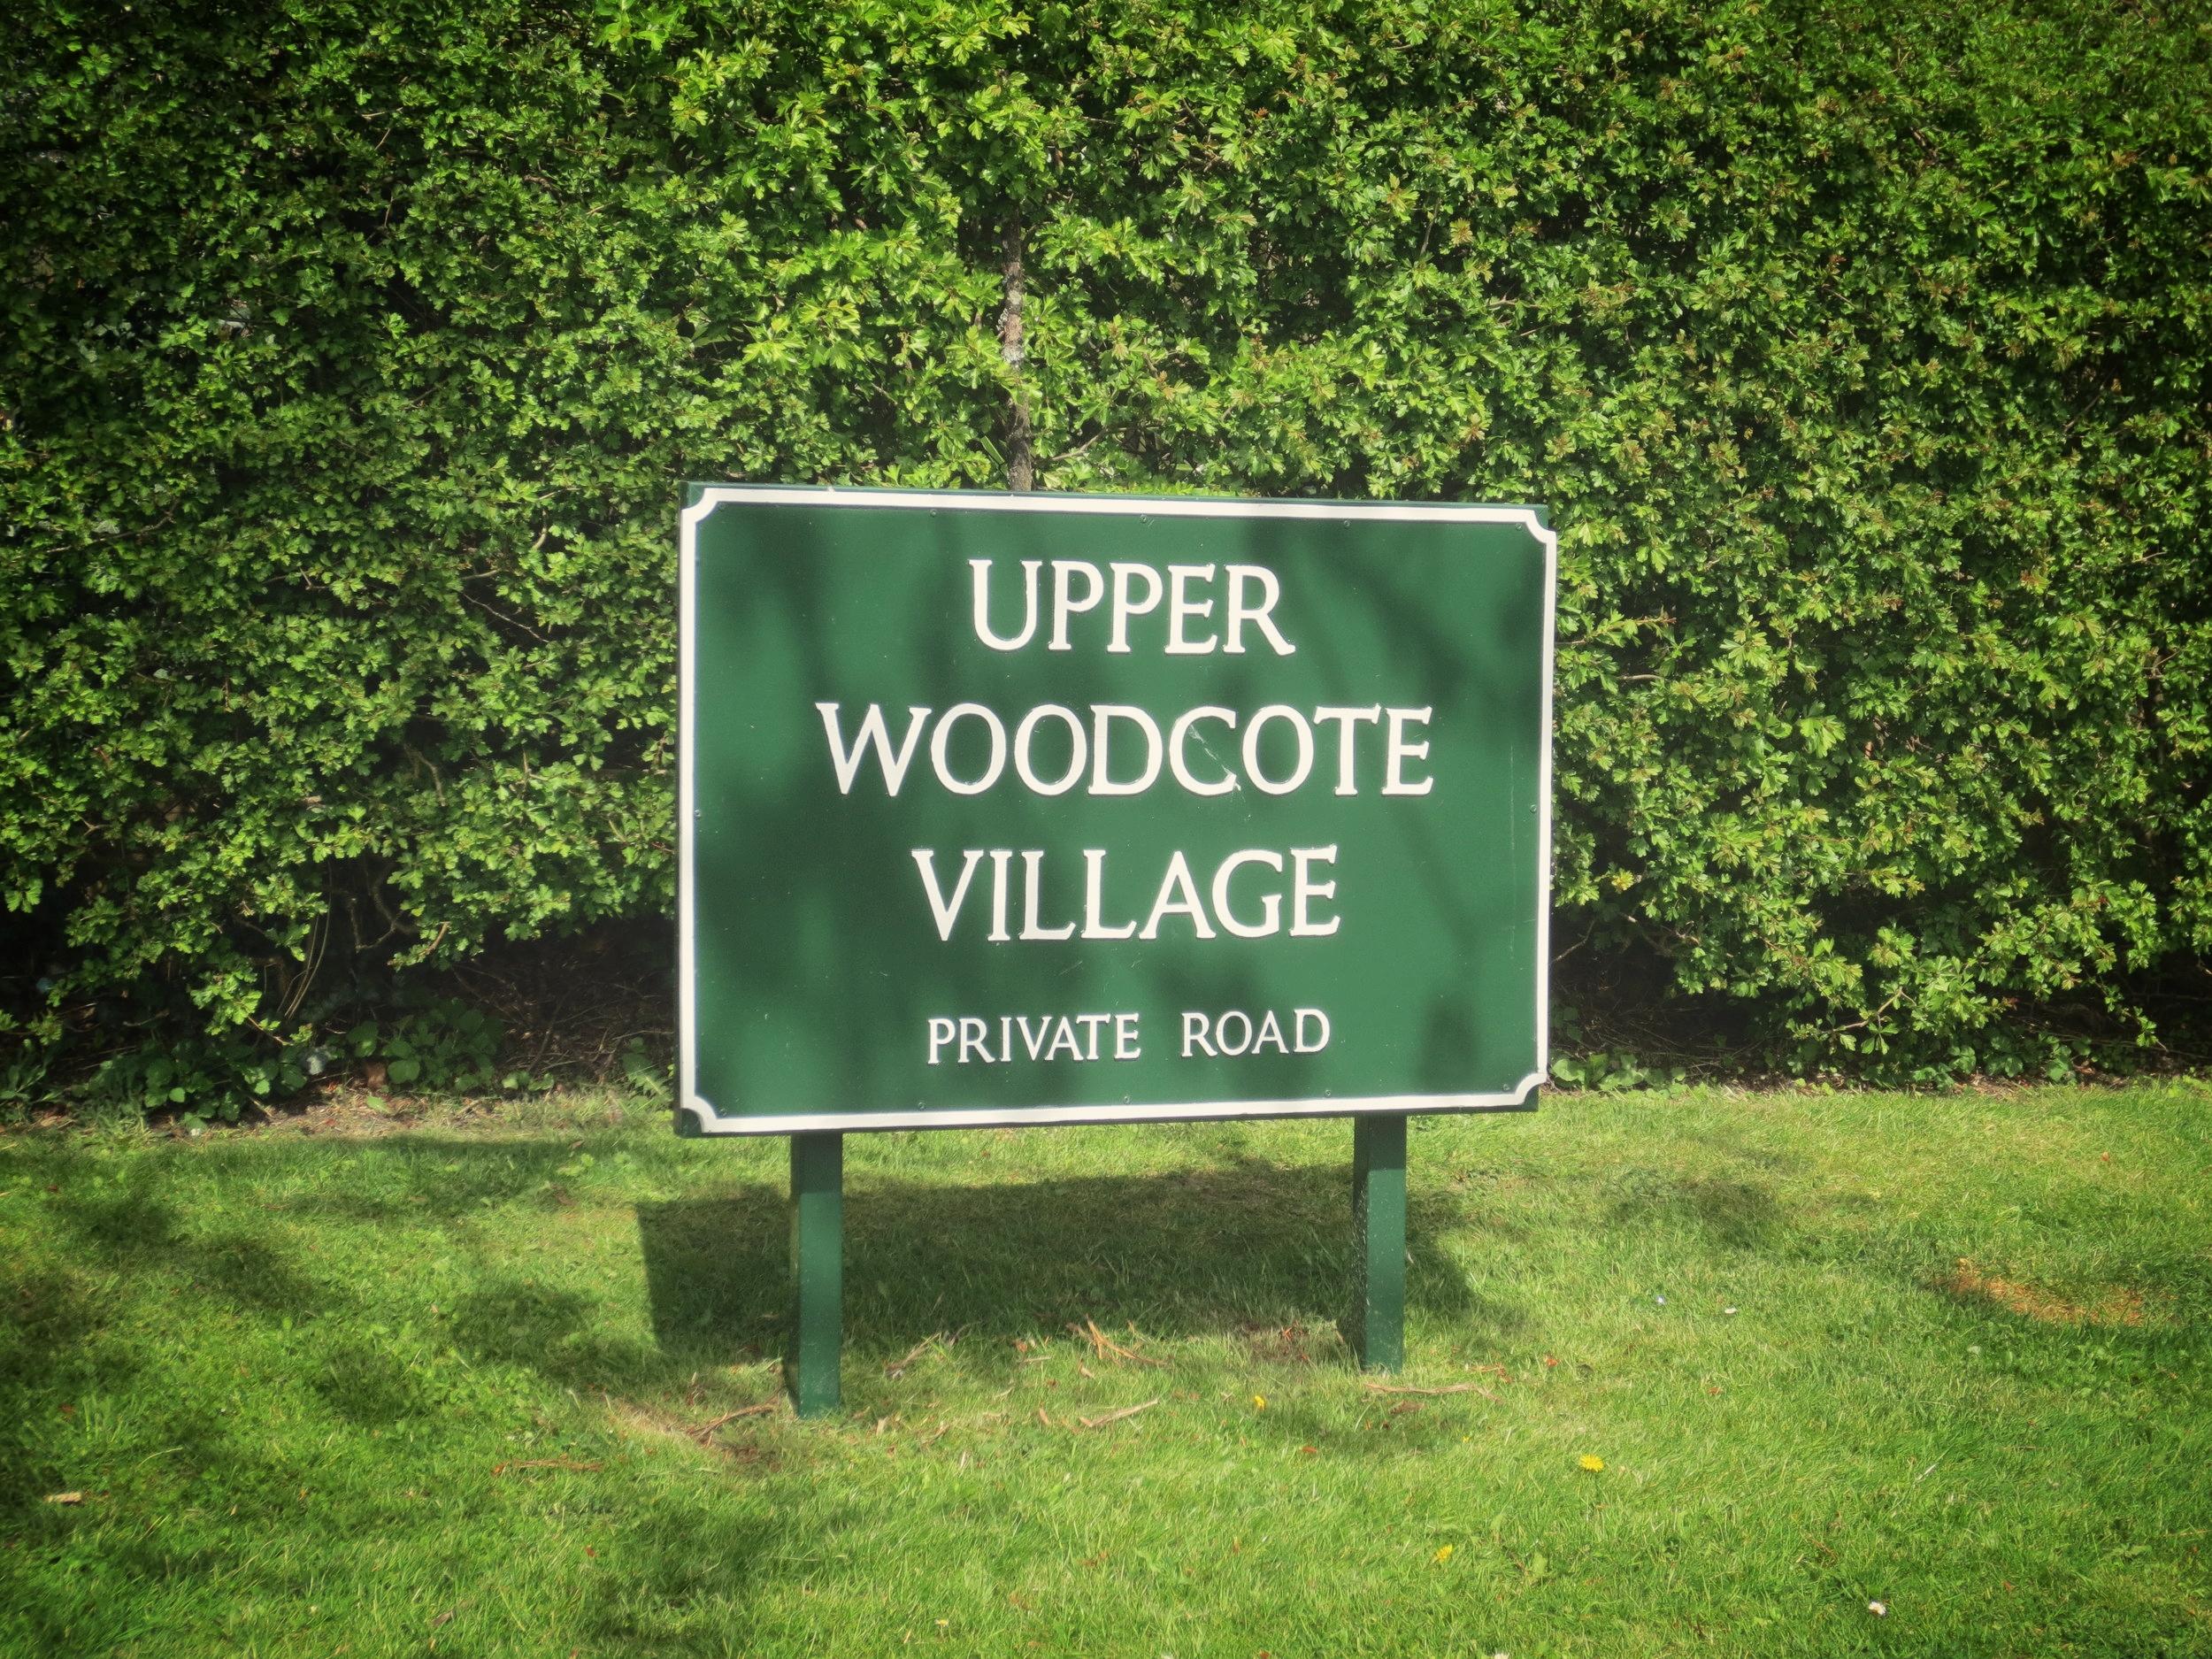 UPPER WOODCOTE VILLAGE